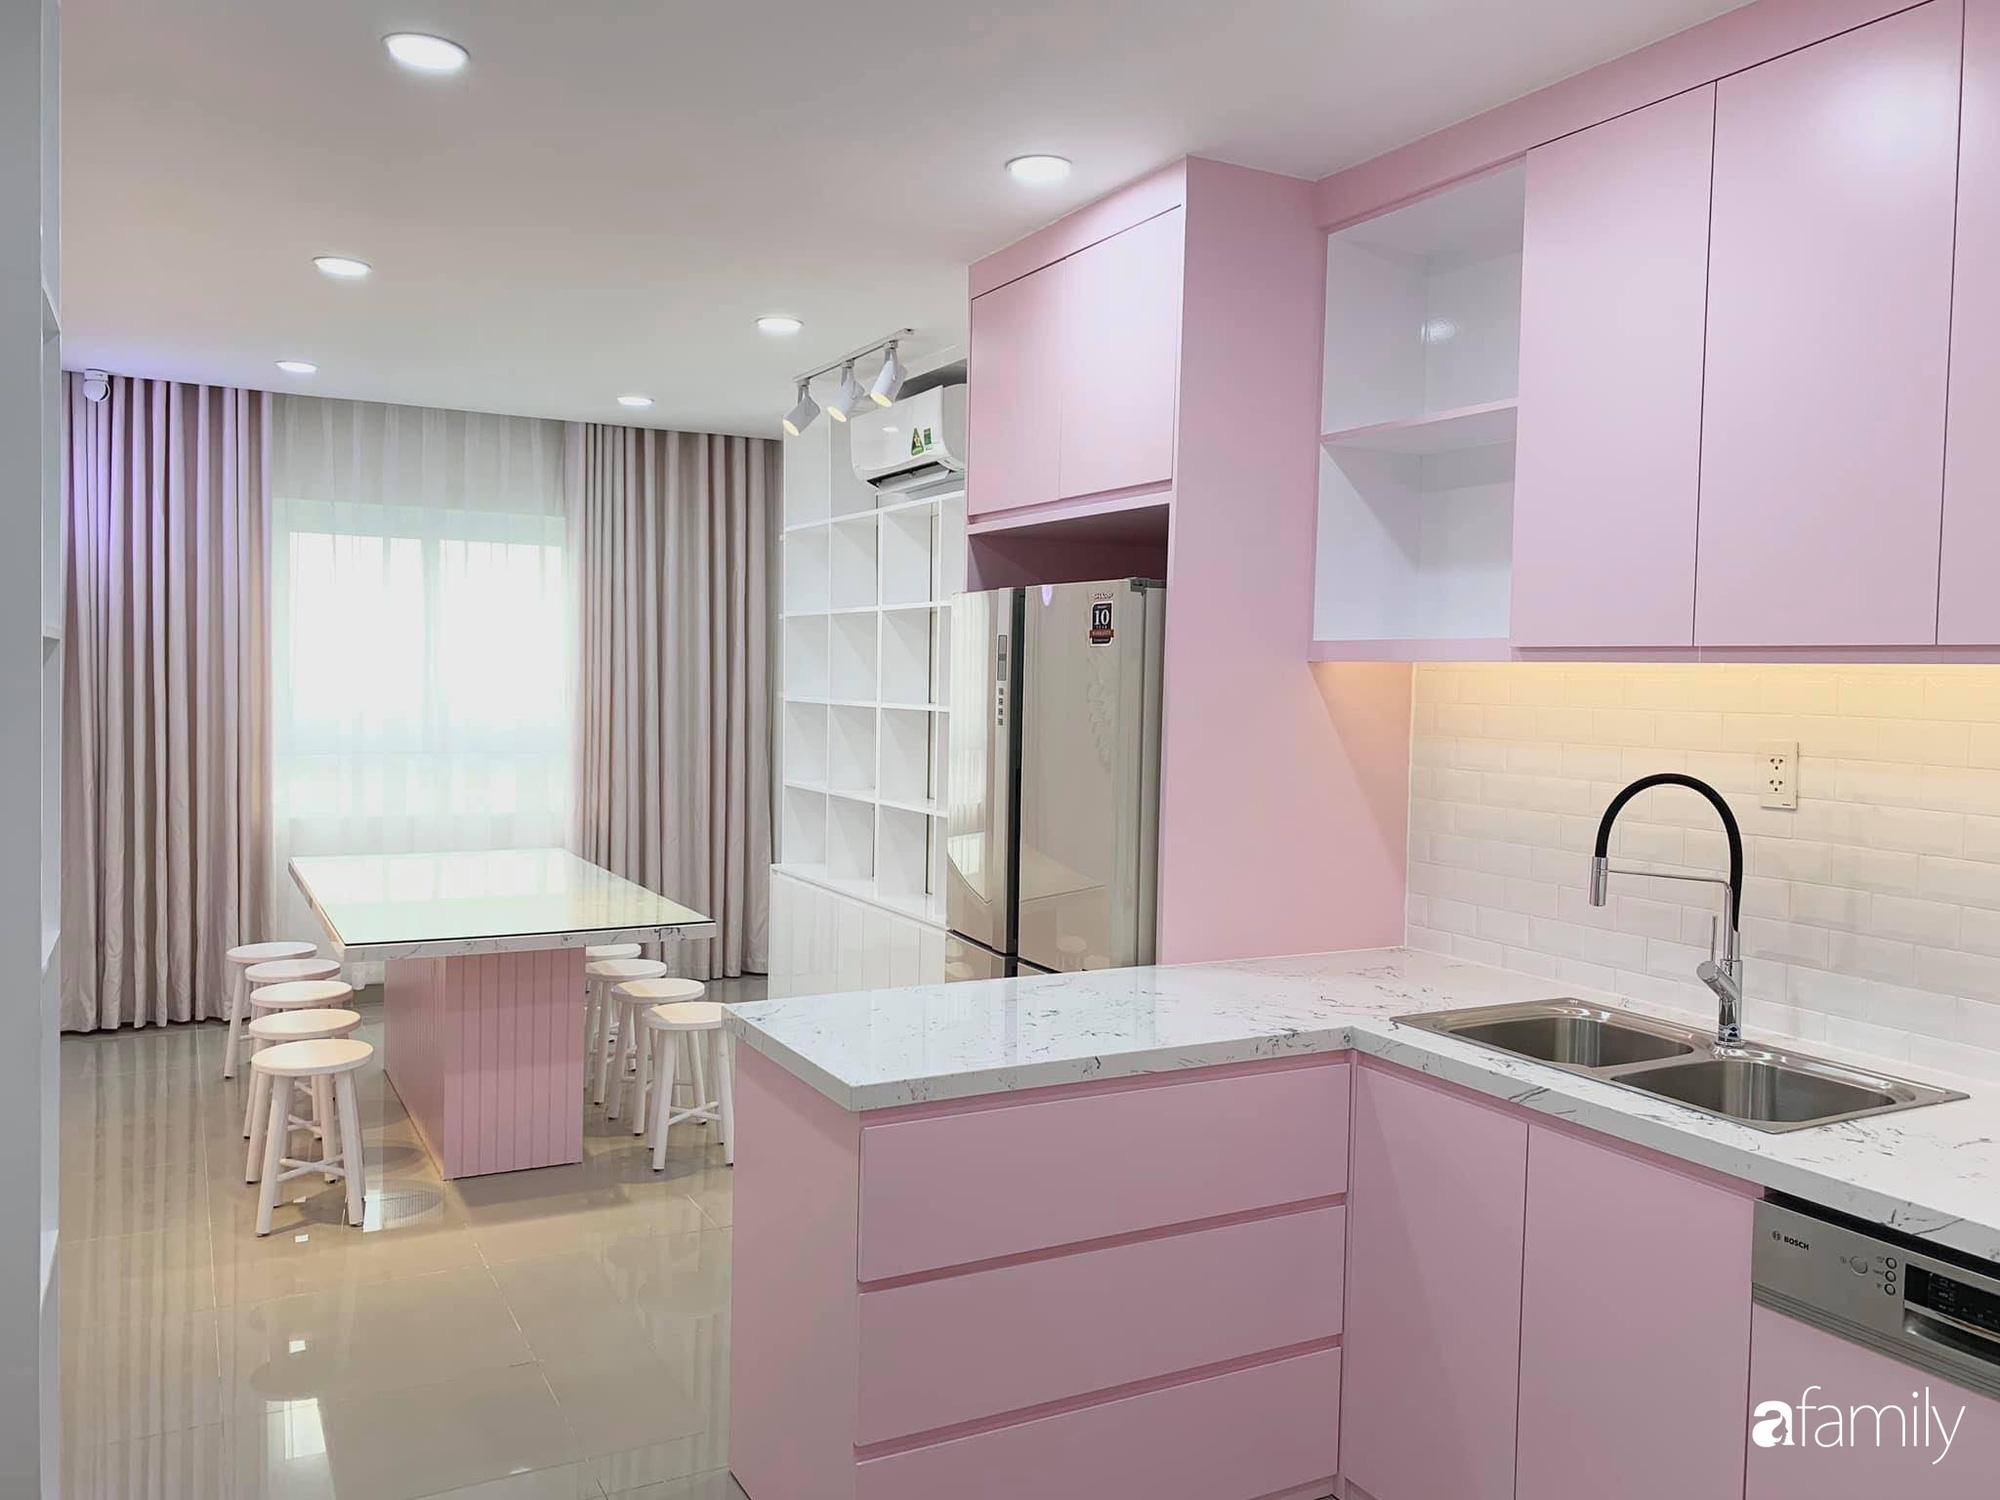 """Căn bếp màu hồng ngọt ngào đẹp """"rụng tim"""" của cô nàng dành tất cả niềm đam mê cho việc làm bánh ở Sài Gòn - Ảnh 7."""